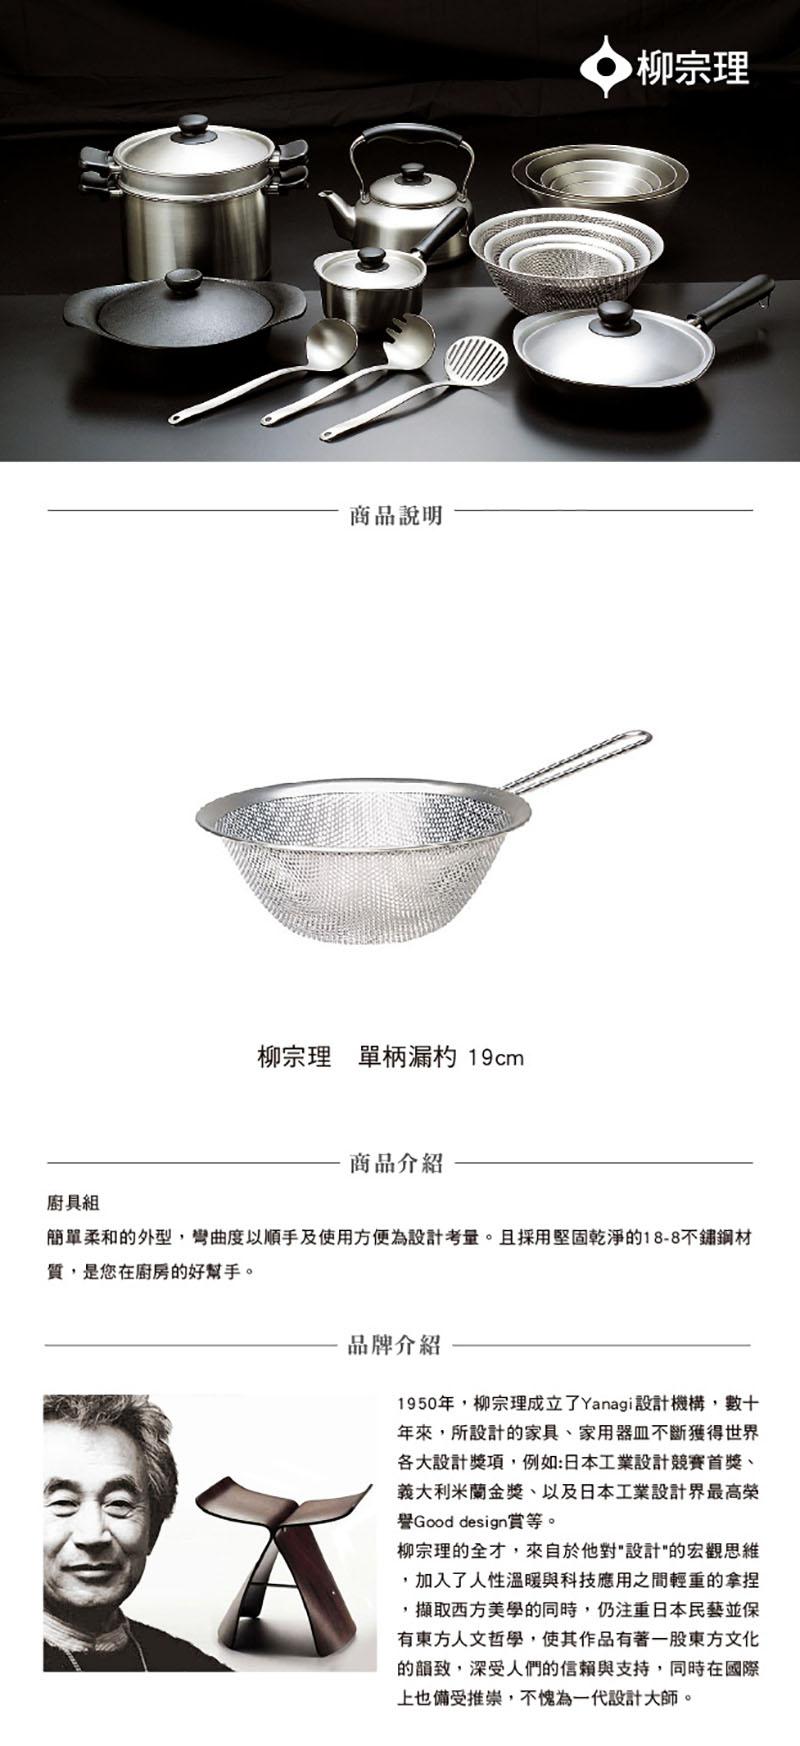 日本 柳宗理 不鏽鋼單柄漏杓 19cm